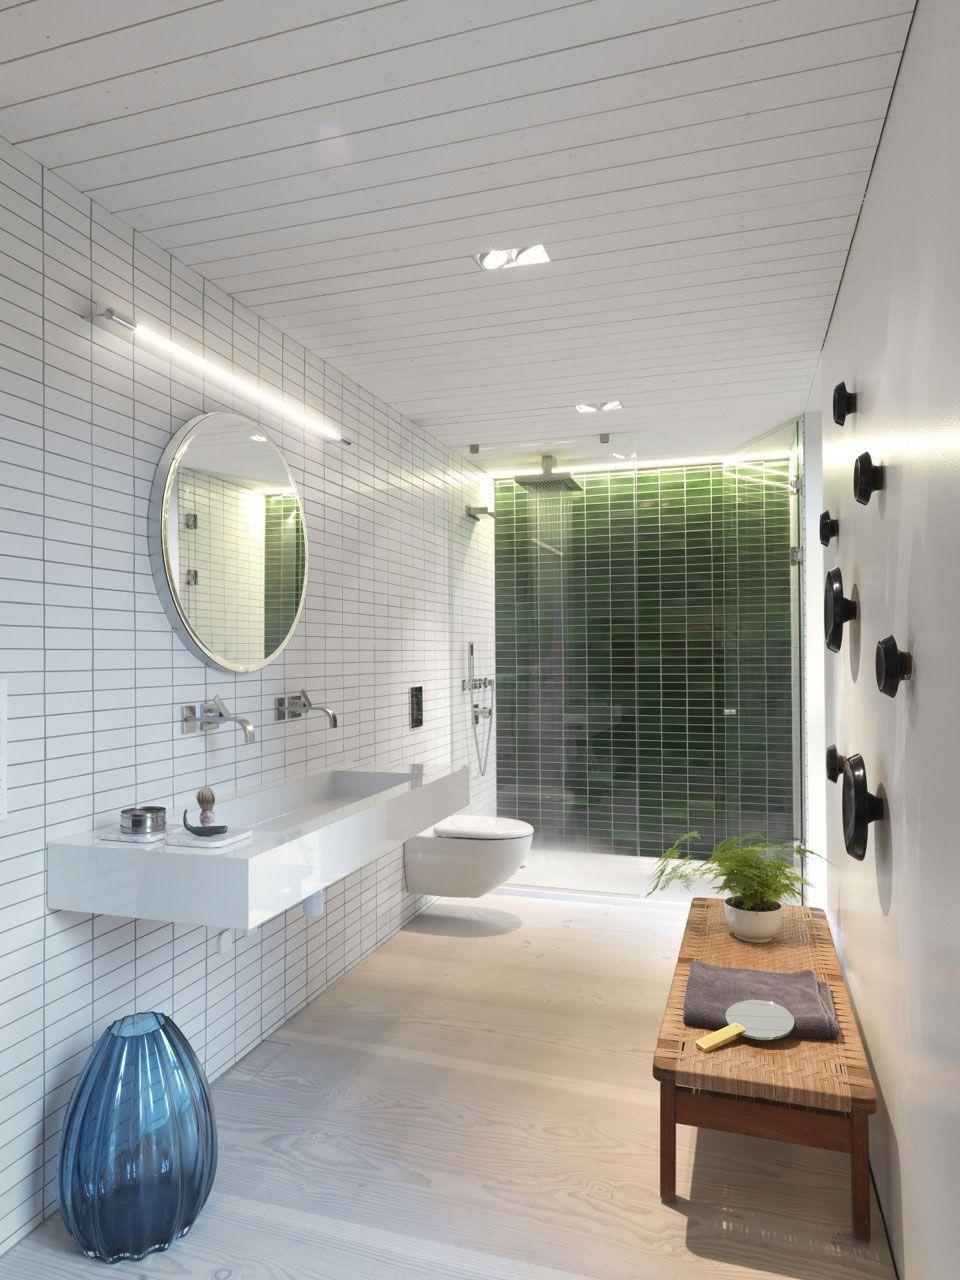 Villa-S-Saunders-Architecture-16